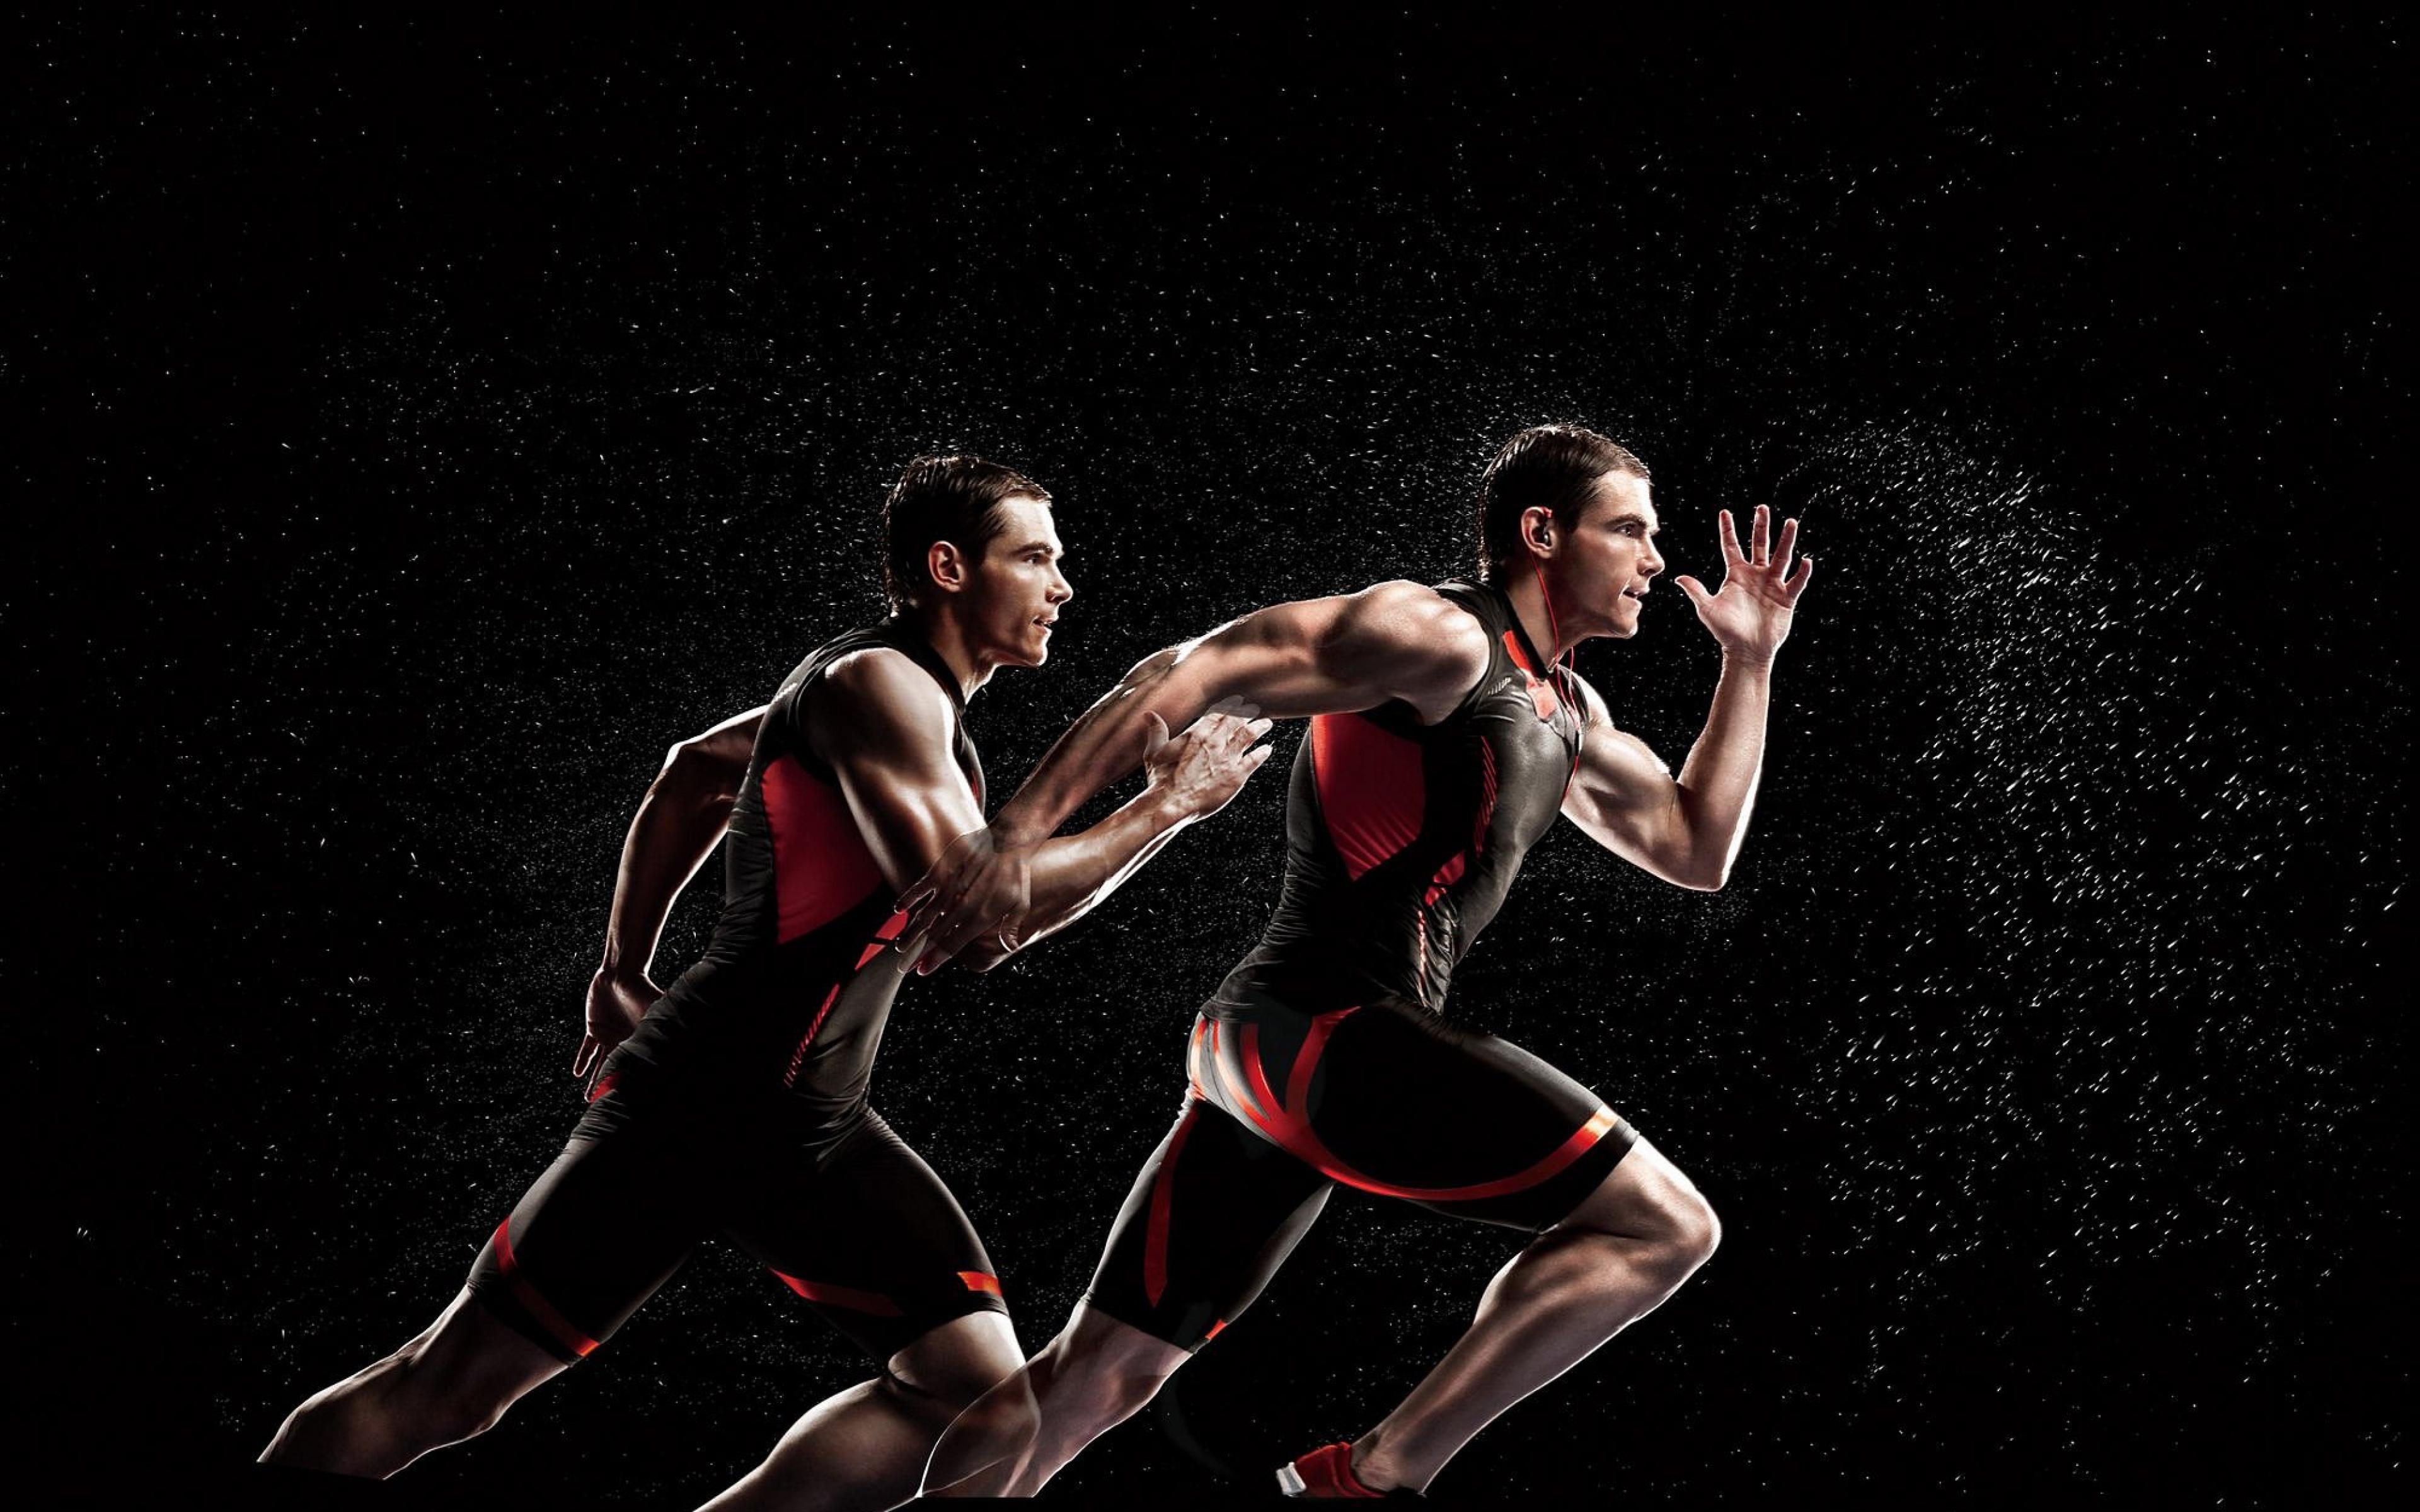 Sport Running Wallpaper Hd: 11 Excellent HD Running Wallpapers